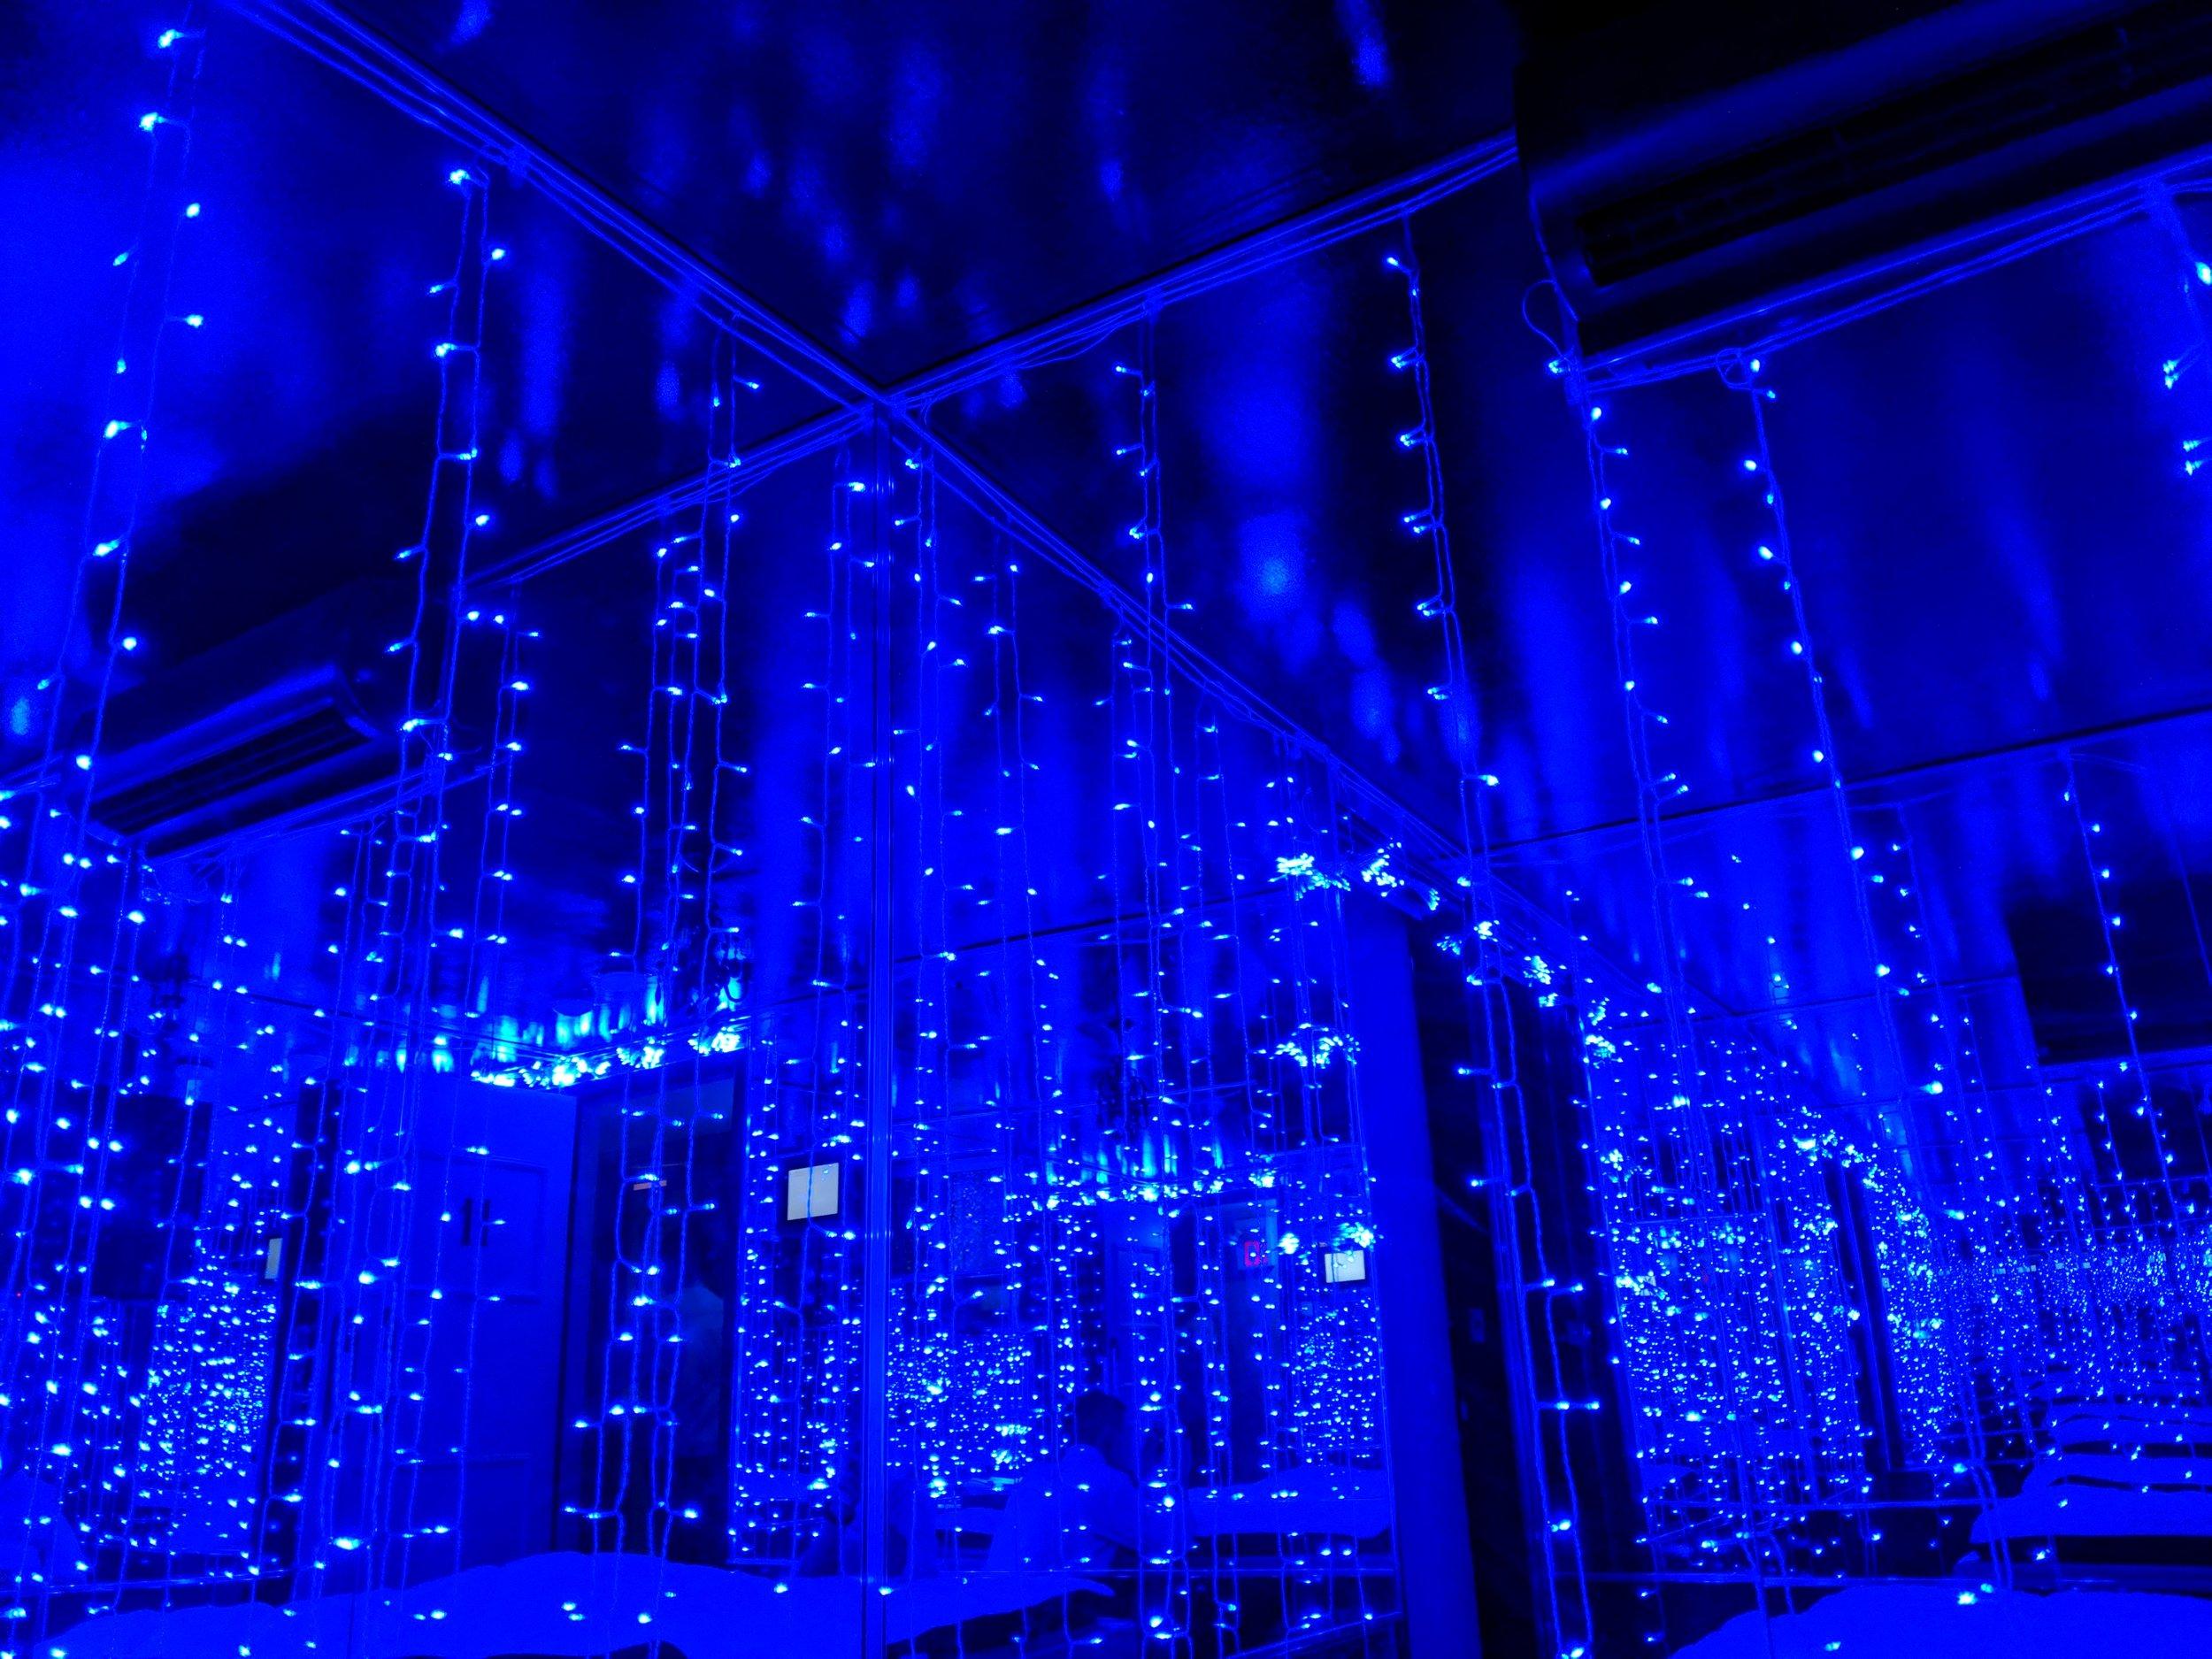 特別なアメニティー - ♡ブルールームには、壁全体が鏡になっており、その中央にウォーターベッドがあります♡ レッドルームには、大人用のおもちゃとLiberatorの椅子があります